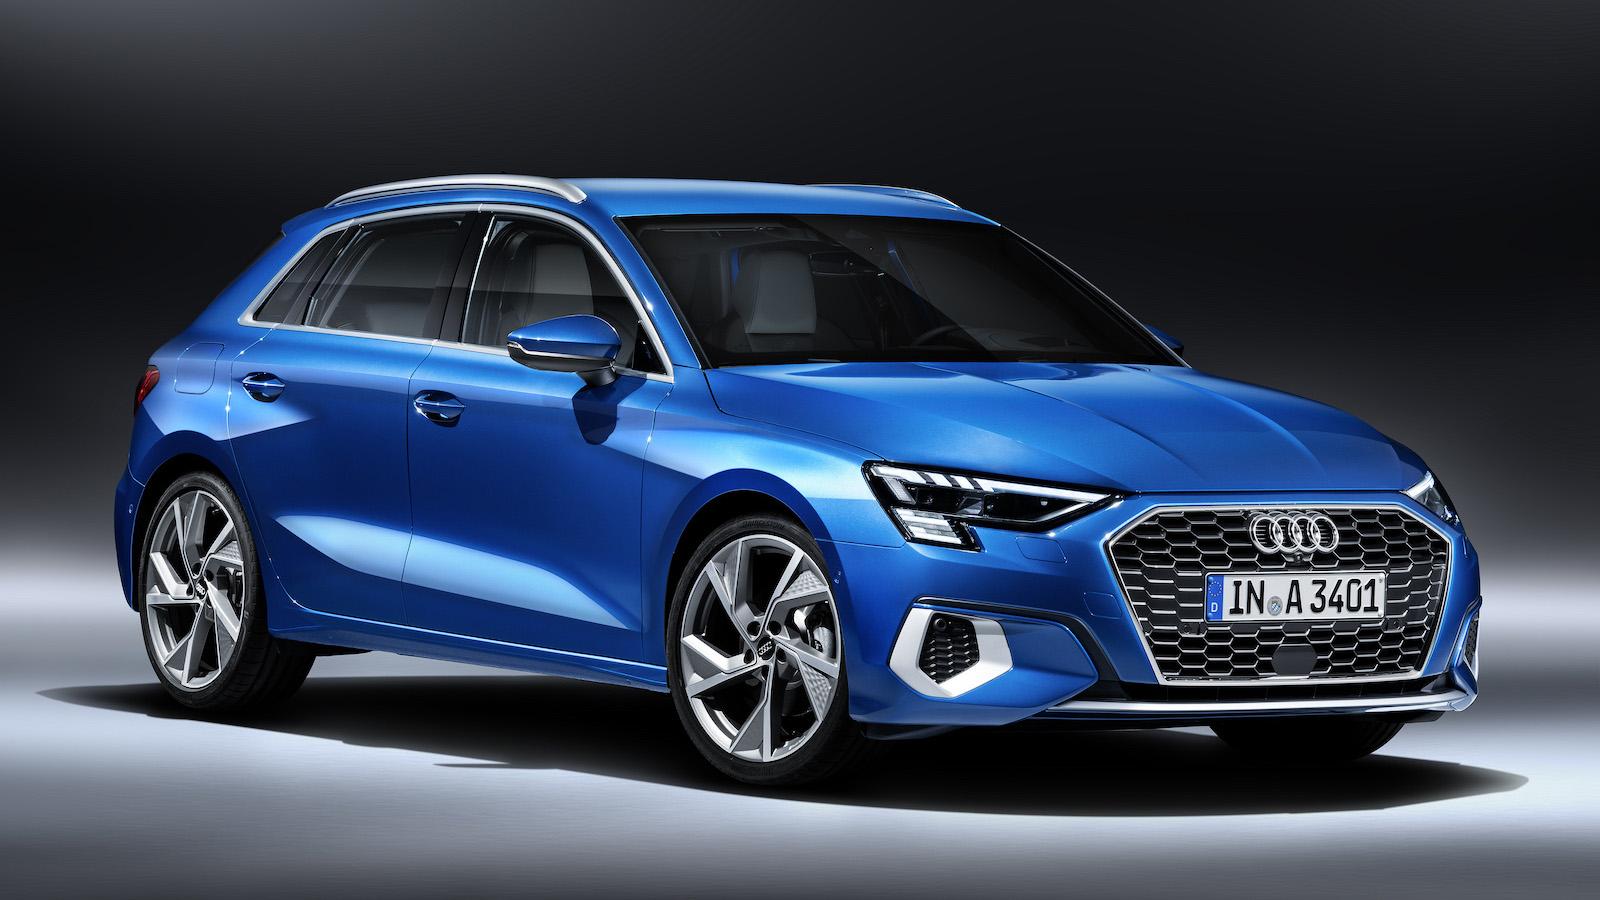 4 月中旬上市,預覽全新 Audi A3 Sportback 創新設計與科技